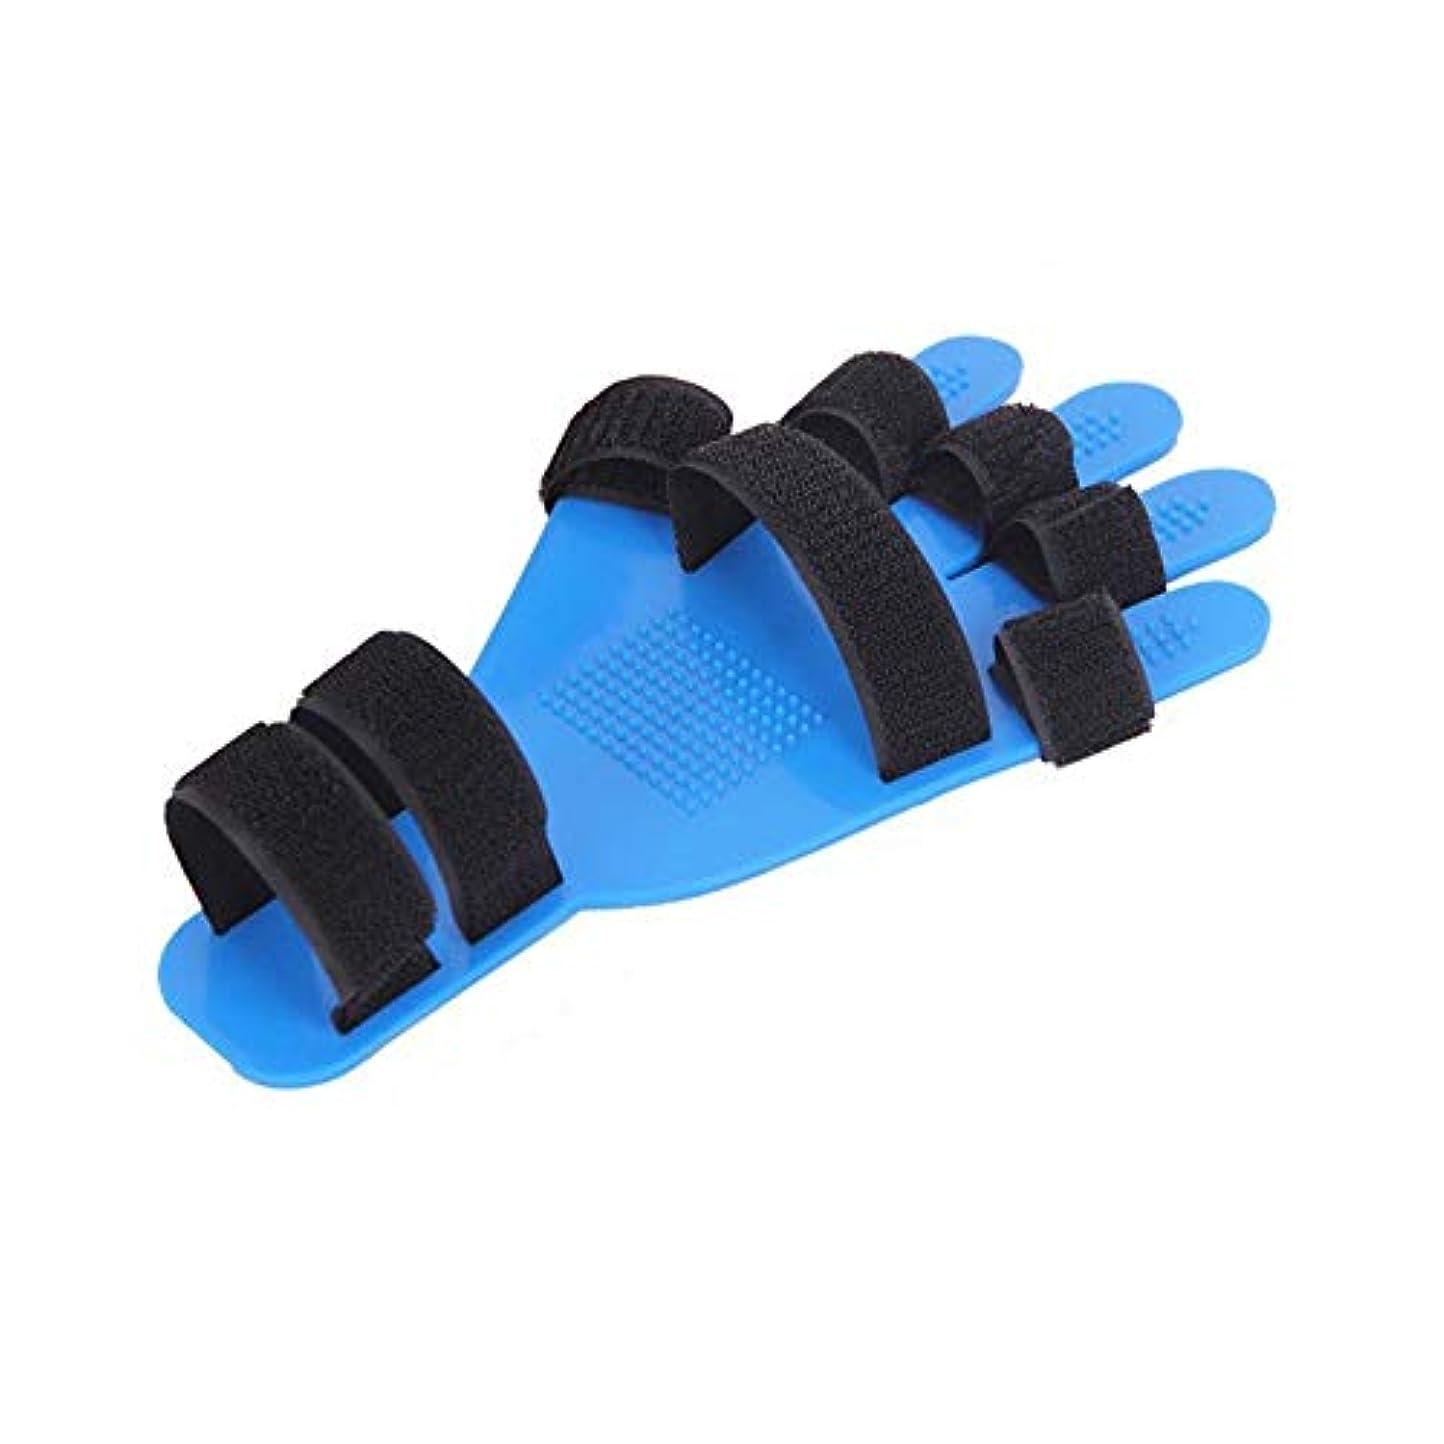 王朝インターネット呼び起こす指トレーニングボード 指サポーター 修正指板 指の訓練板 指の添え木指板 指リハビリ訓練器具 調節可能なフィンガー 左右手通用